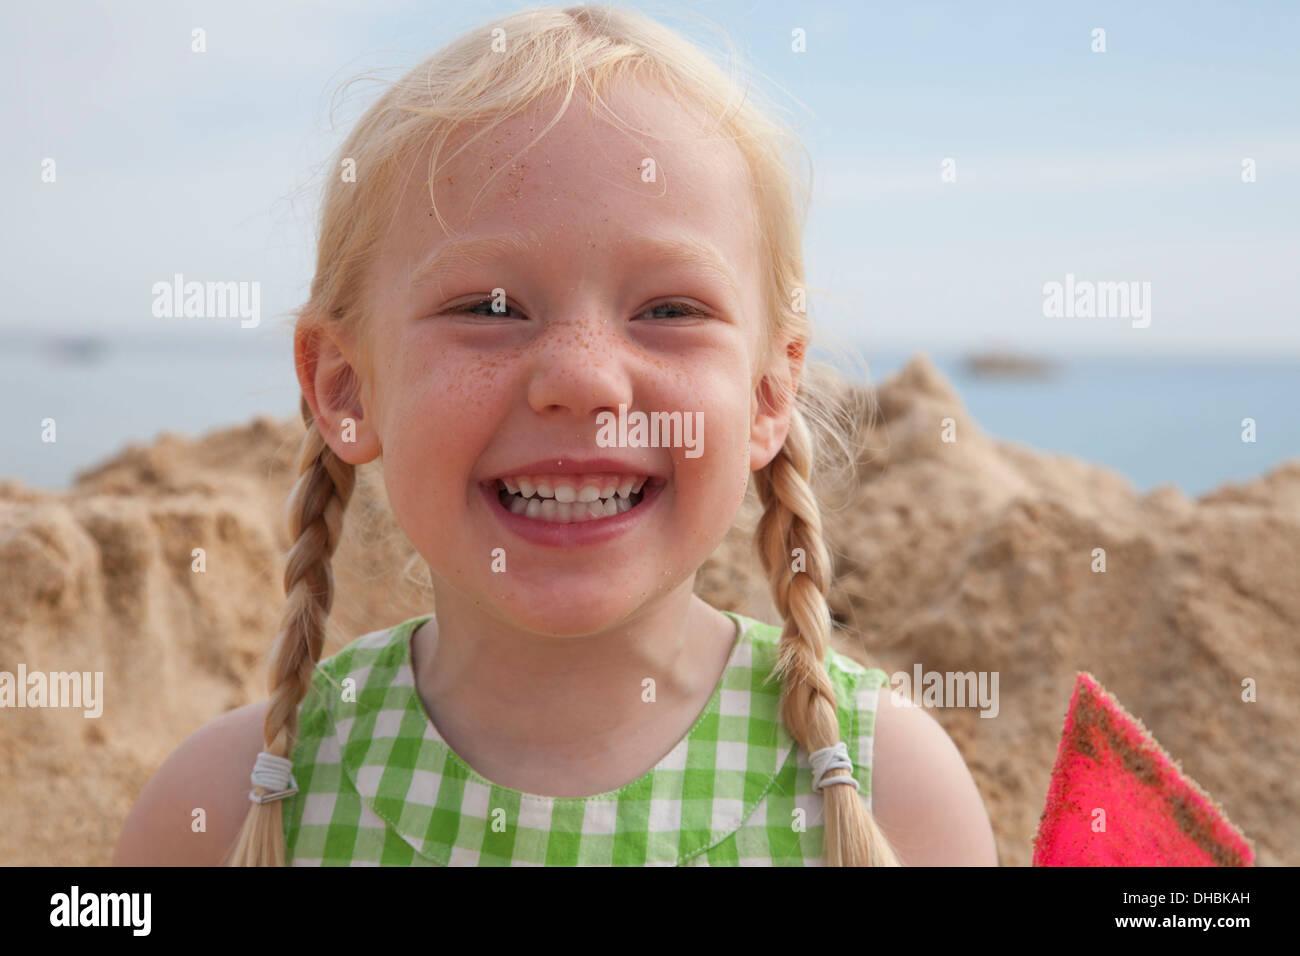 Une fille à côté d'un énorme tas de sable sur la plage, souriant à la caméra. Photo Stock